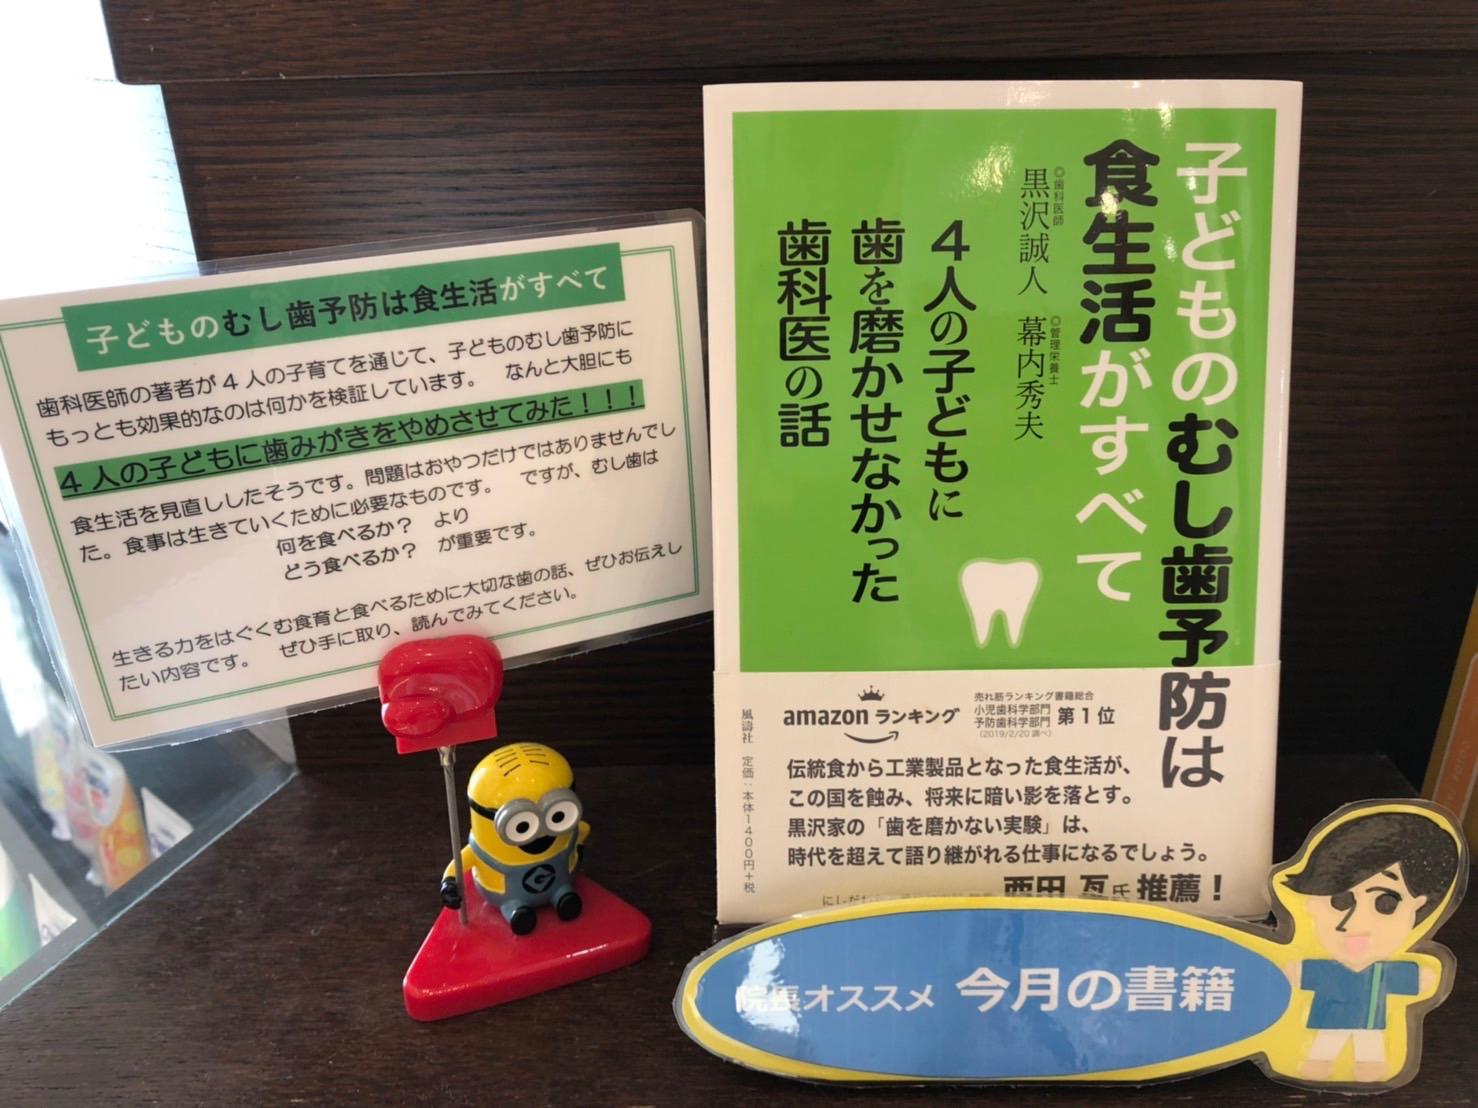 9月のおすすめ本!のイメージ